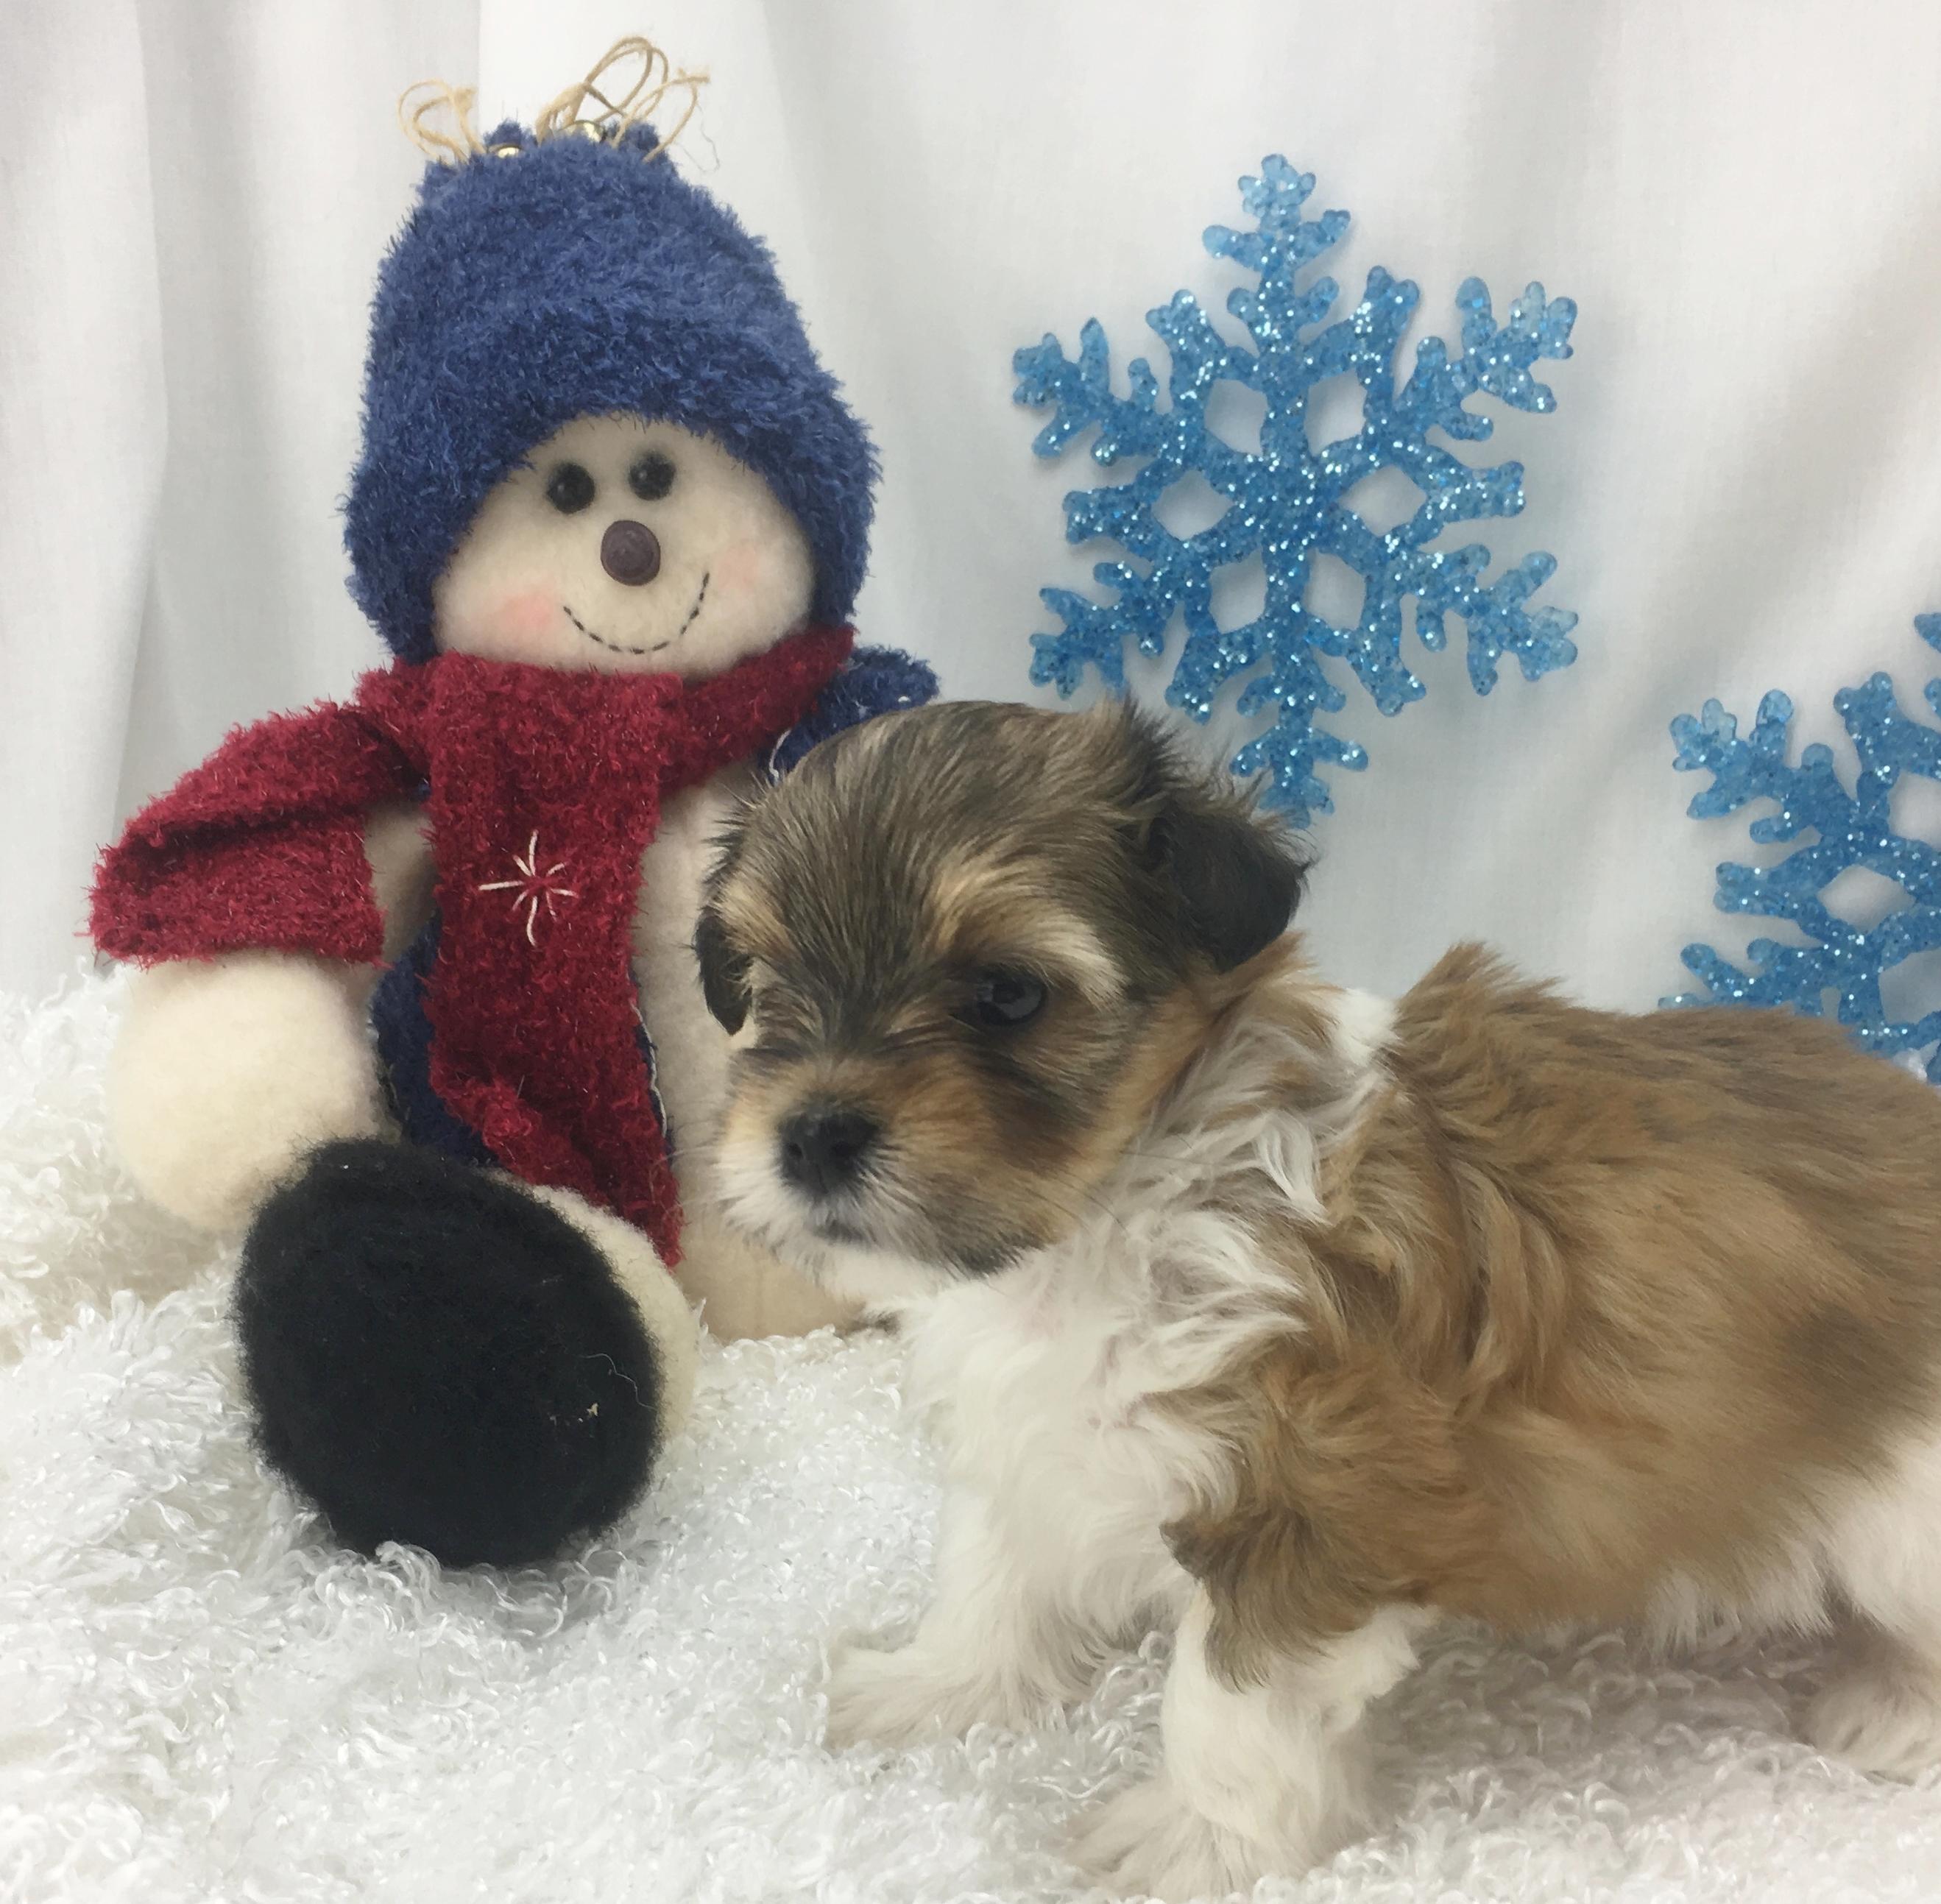 Freda's Pup 1 - Fancy